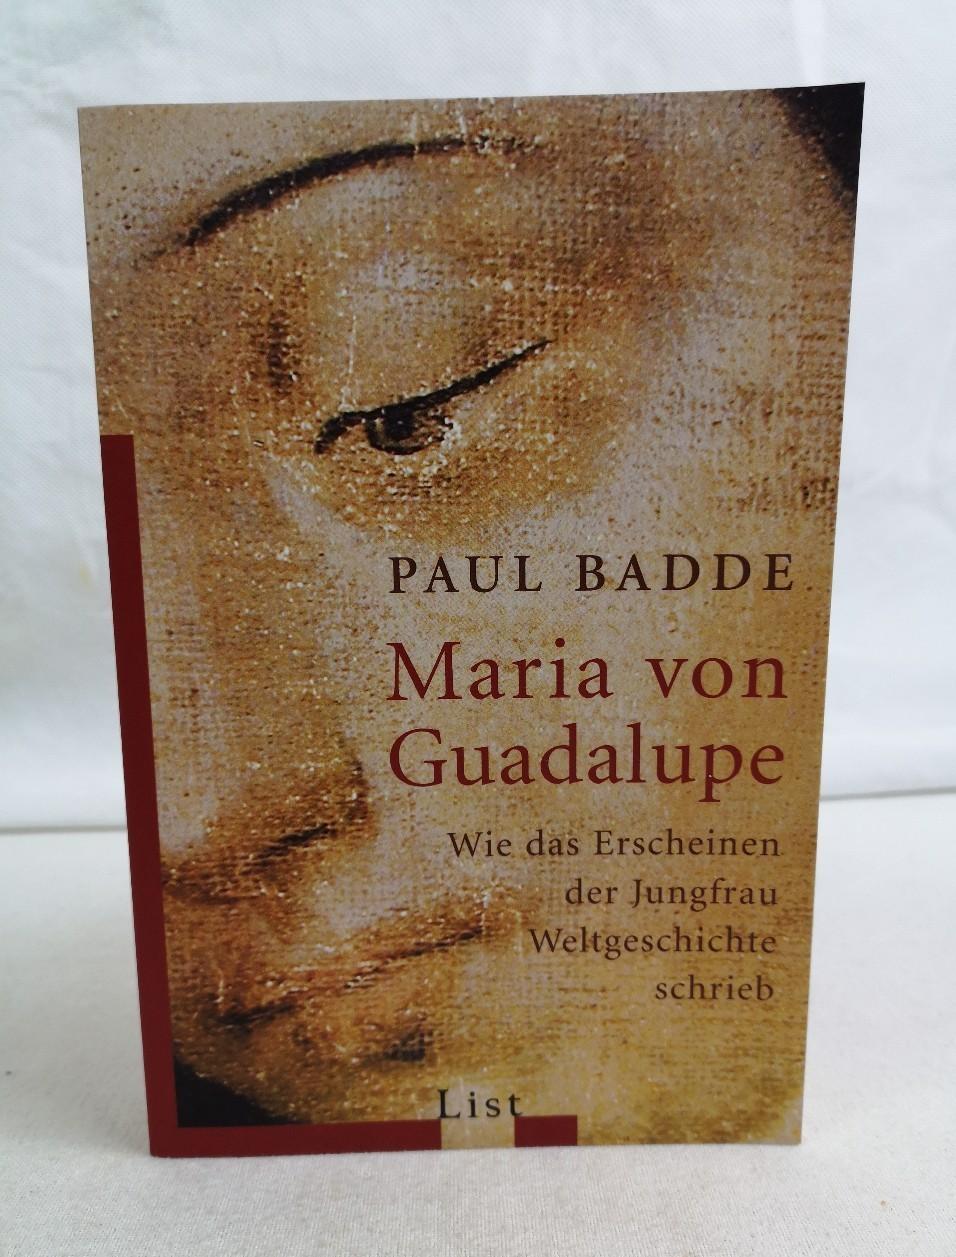 Maria von Guadalupe. Wie das Erscheinen der Jungfrau Weltgeschichte schrieb. List-Taschenbuch ; 60561 Ungekürzte Ausg., 4. Aufl.